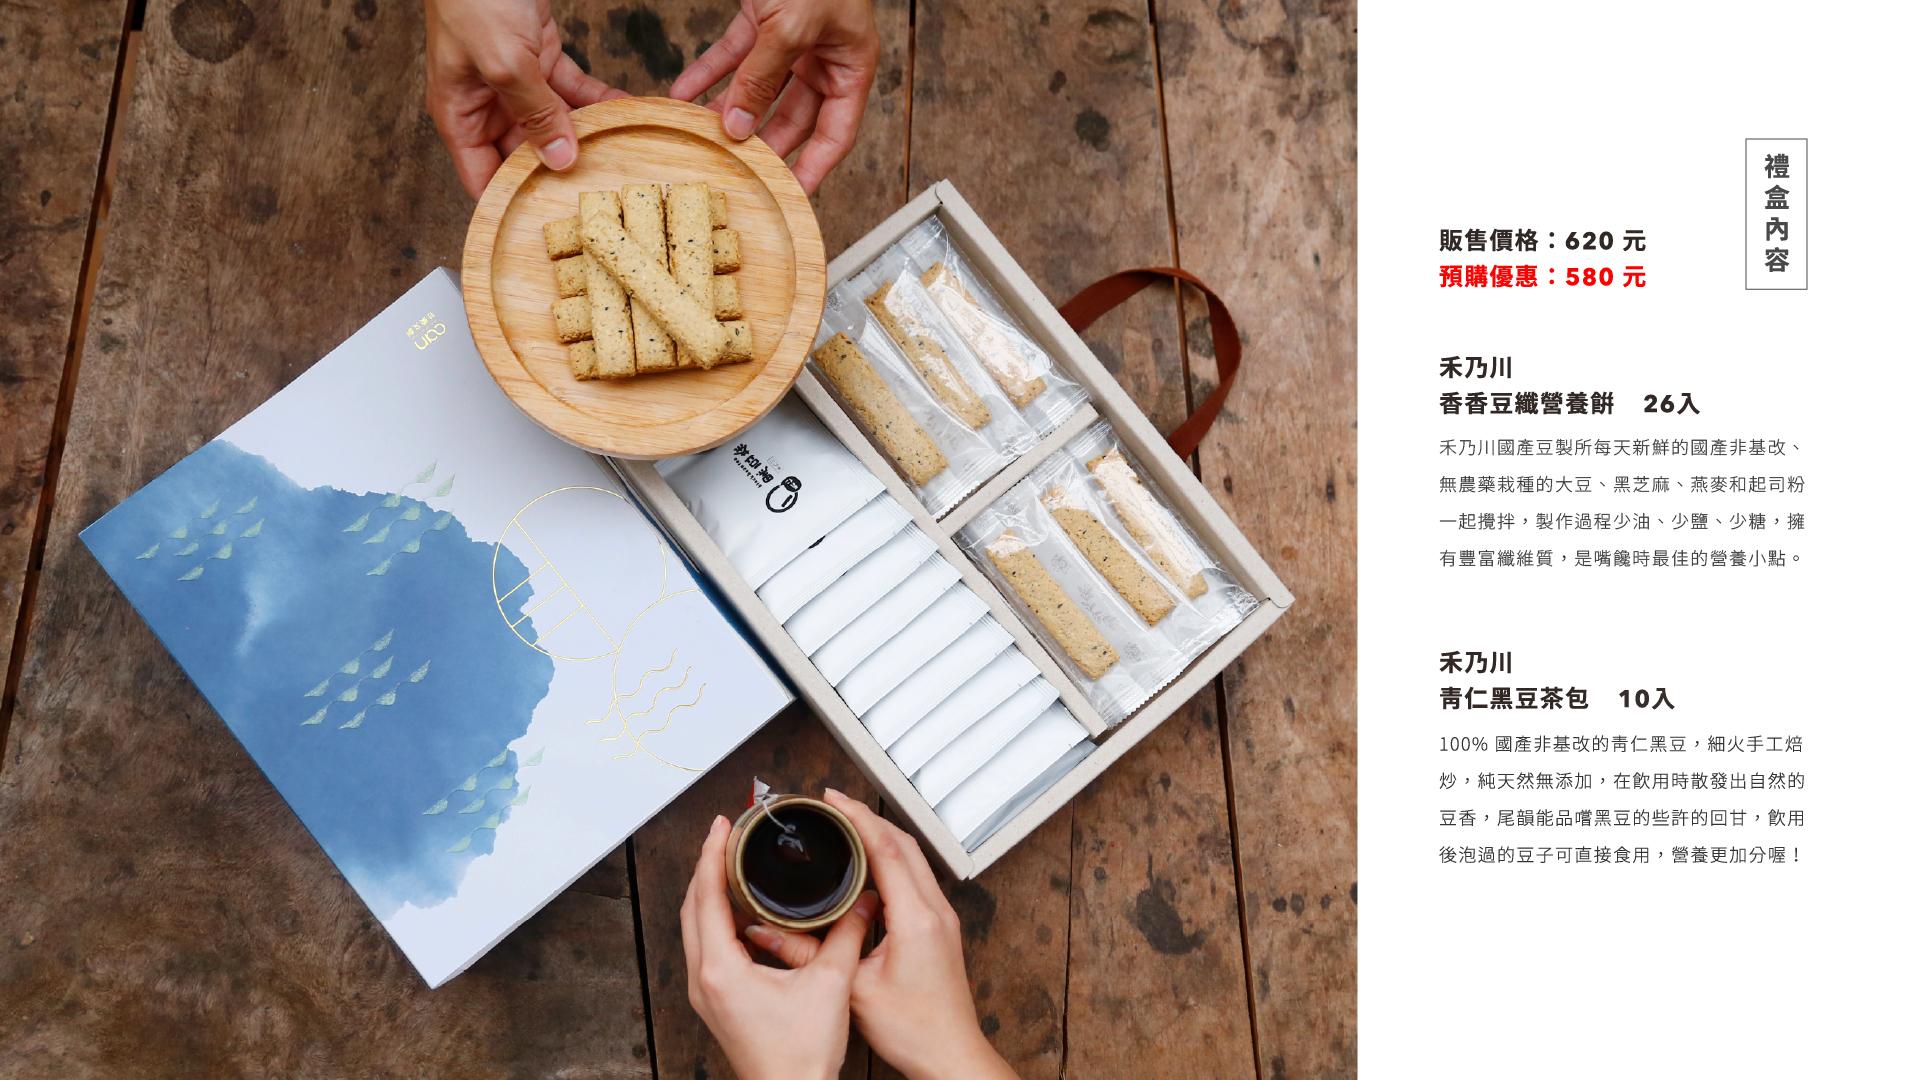 甘樂中秋獻禮,為您挑選了三種不同的健康禮盒,有溫度、有故事、又健康的禮盒好選擇! | 禾乃川國產豆製所 | 改變生命的豆漿店